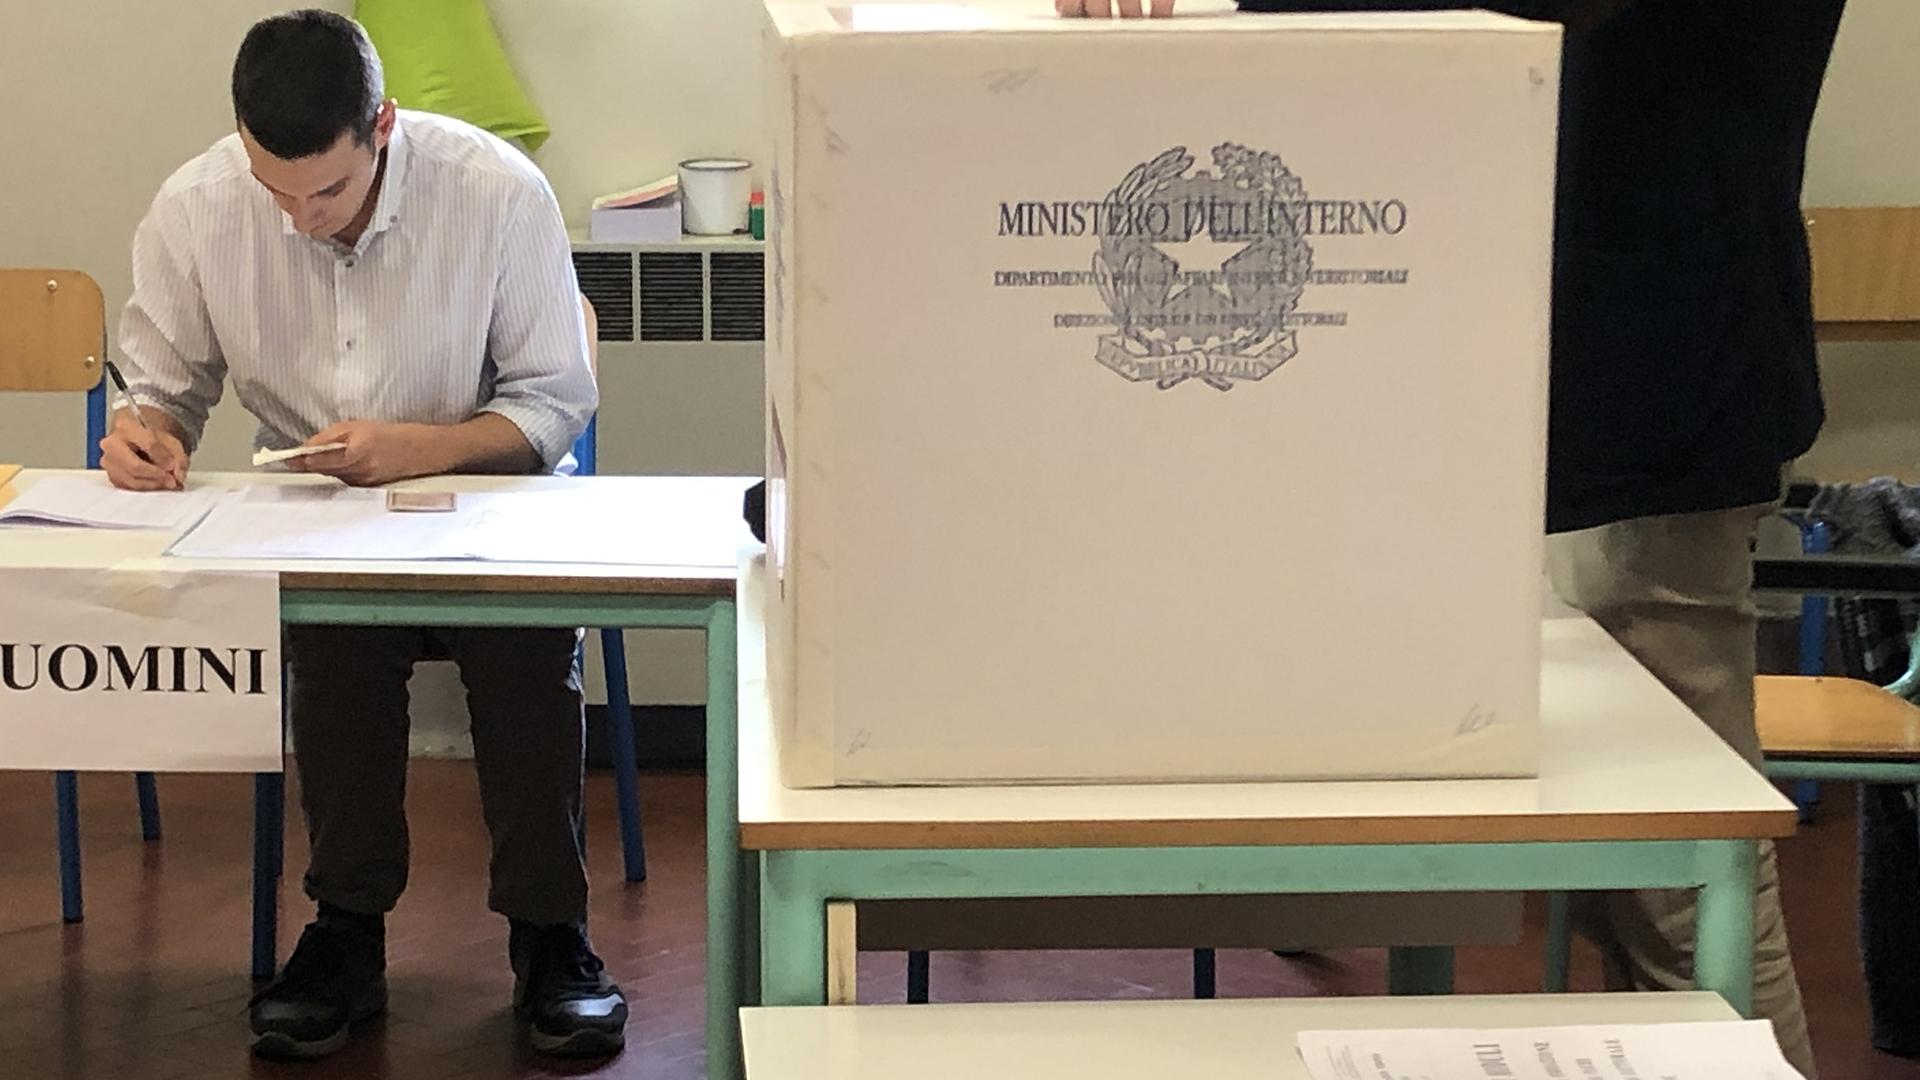 Guida alle amministrative del 3-4 ottobre nella città metropolitana di Bologna: 343.085 persone chiamate al voto in 6 i Comuni, quasi 100 i consiglieri comunali da eleggere